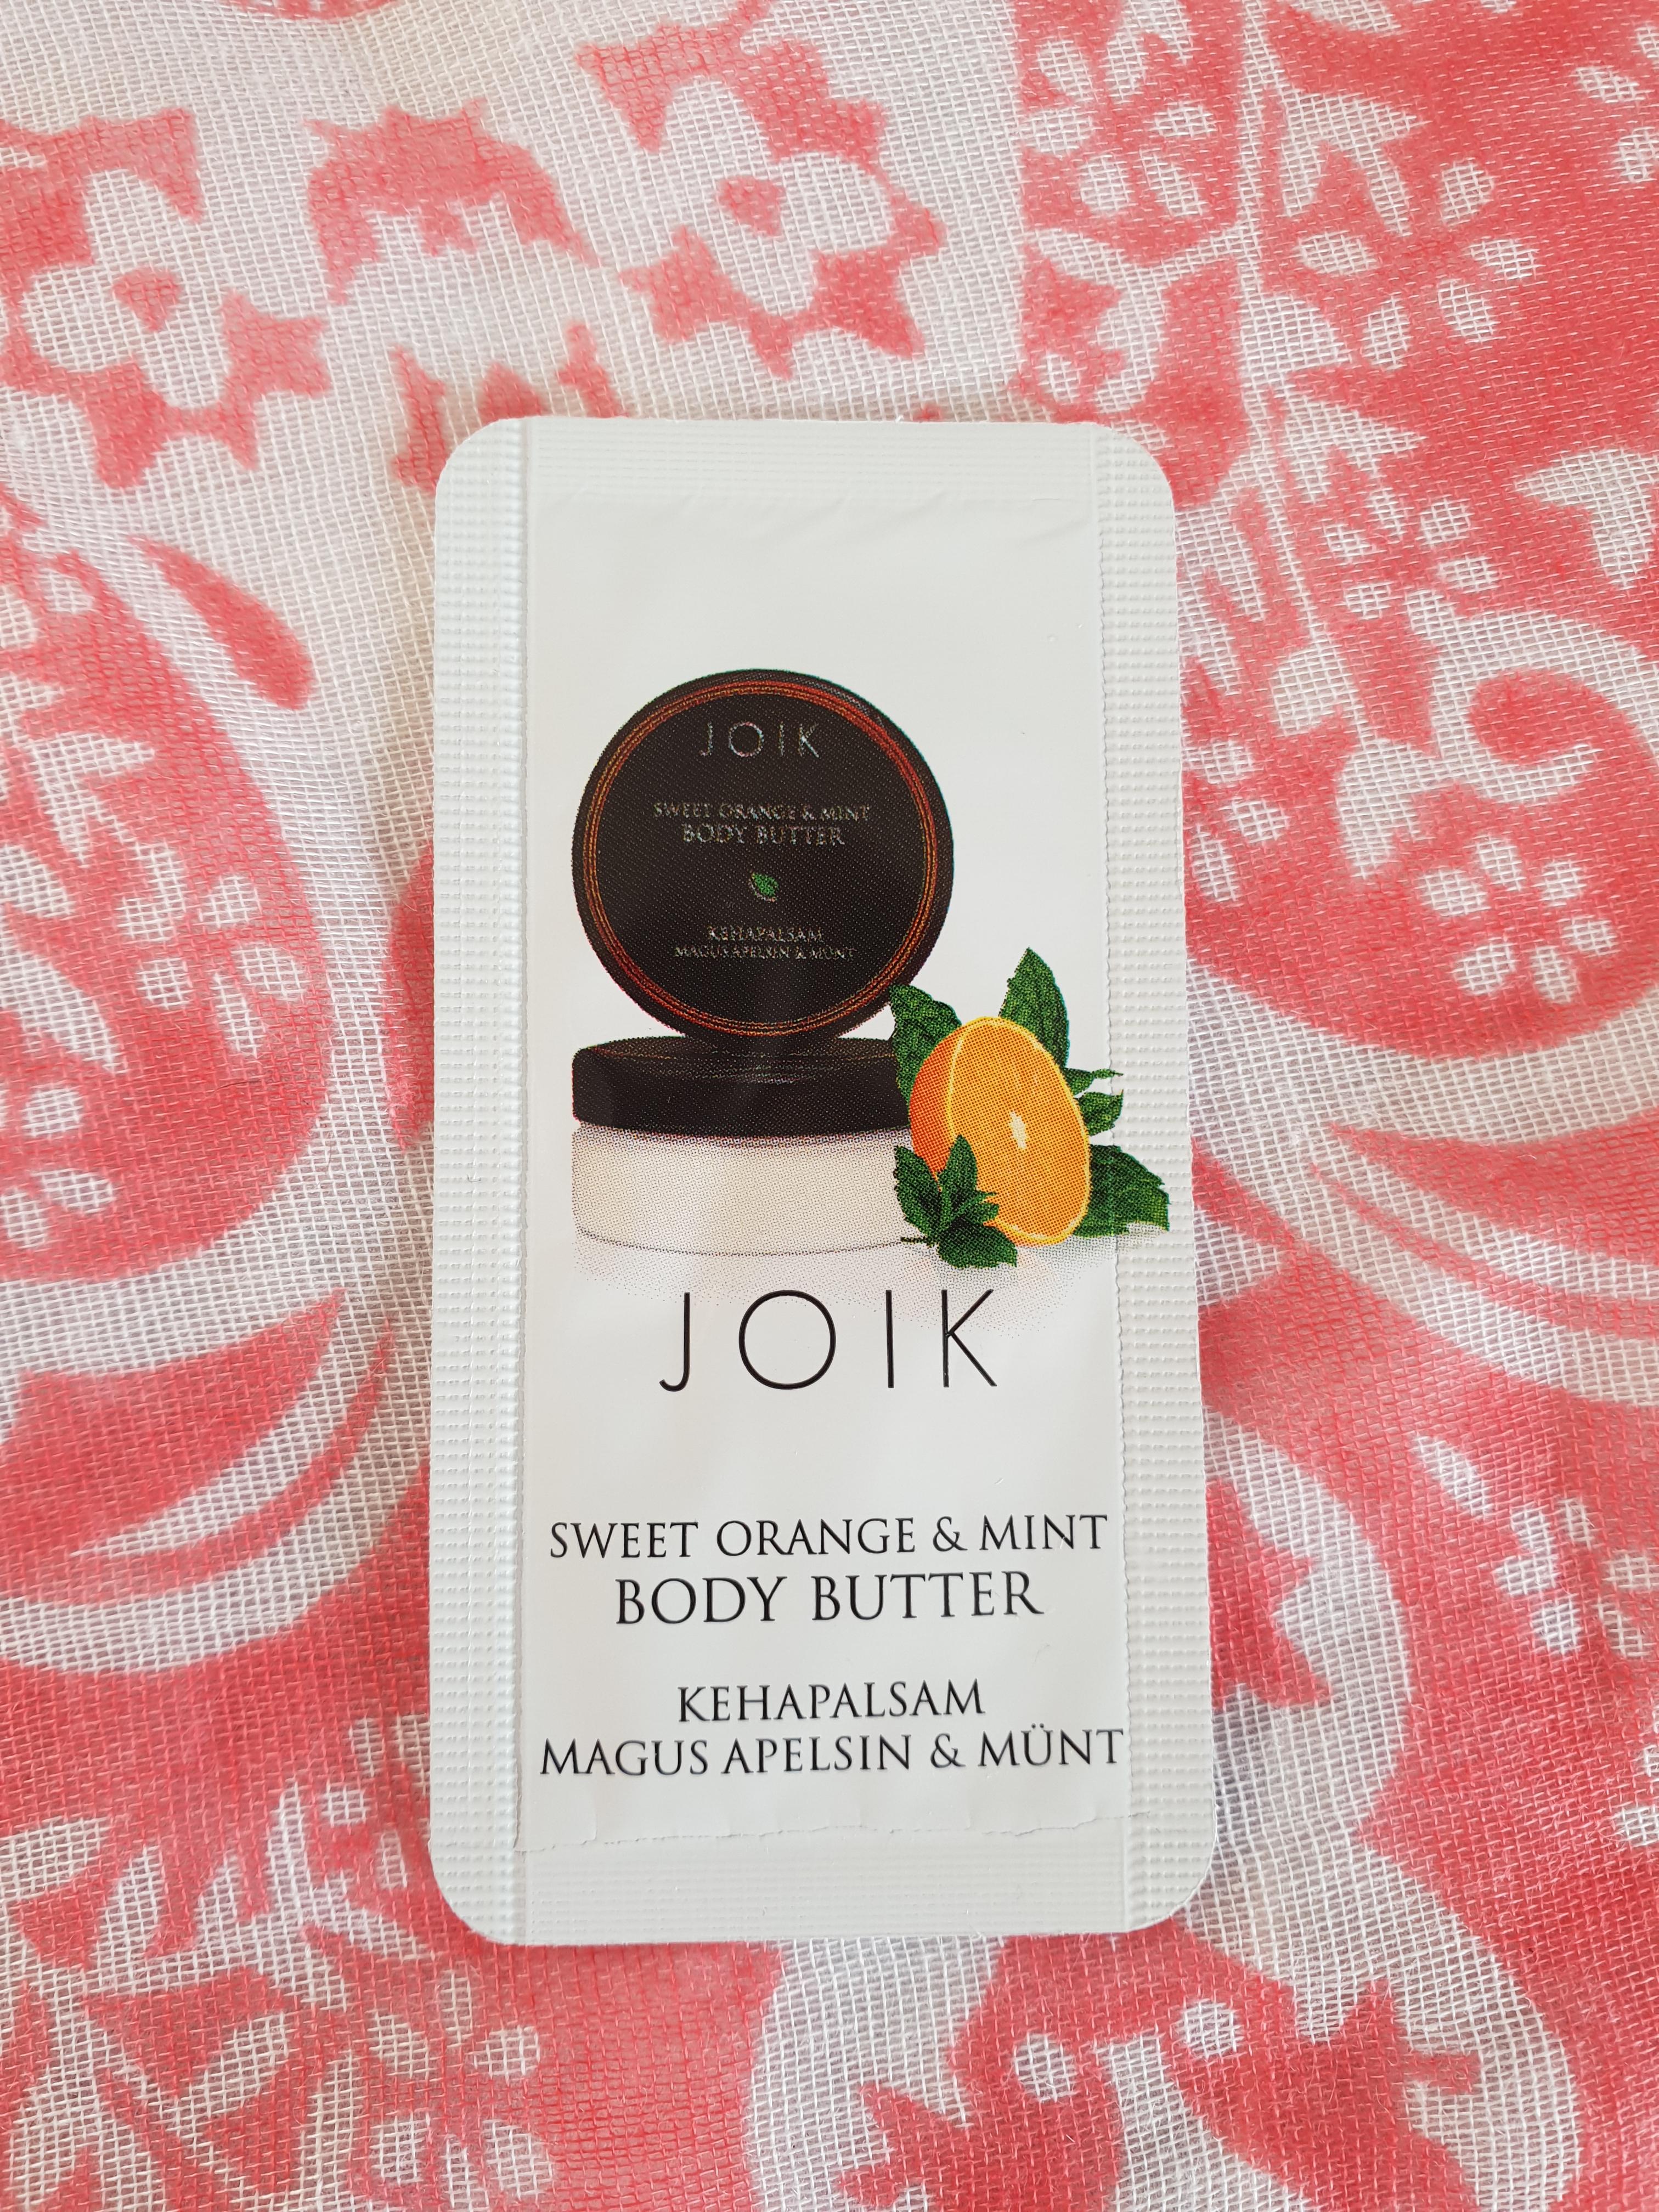 Joik Body Butter sample